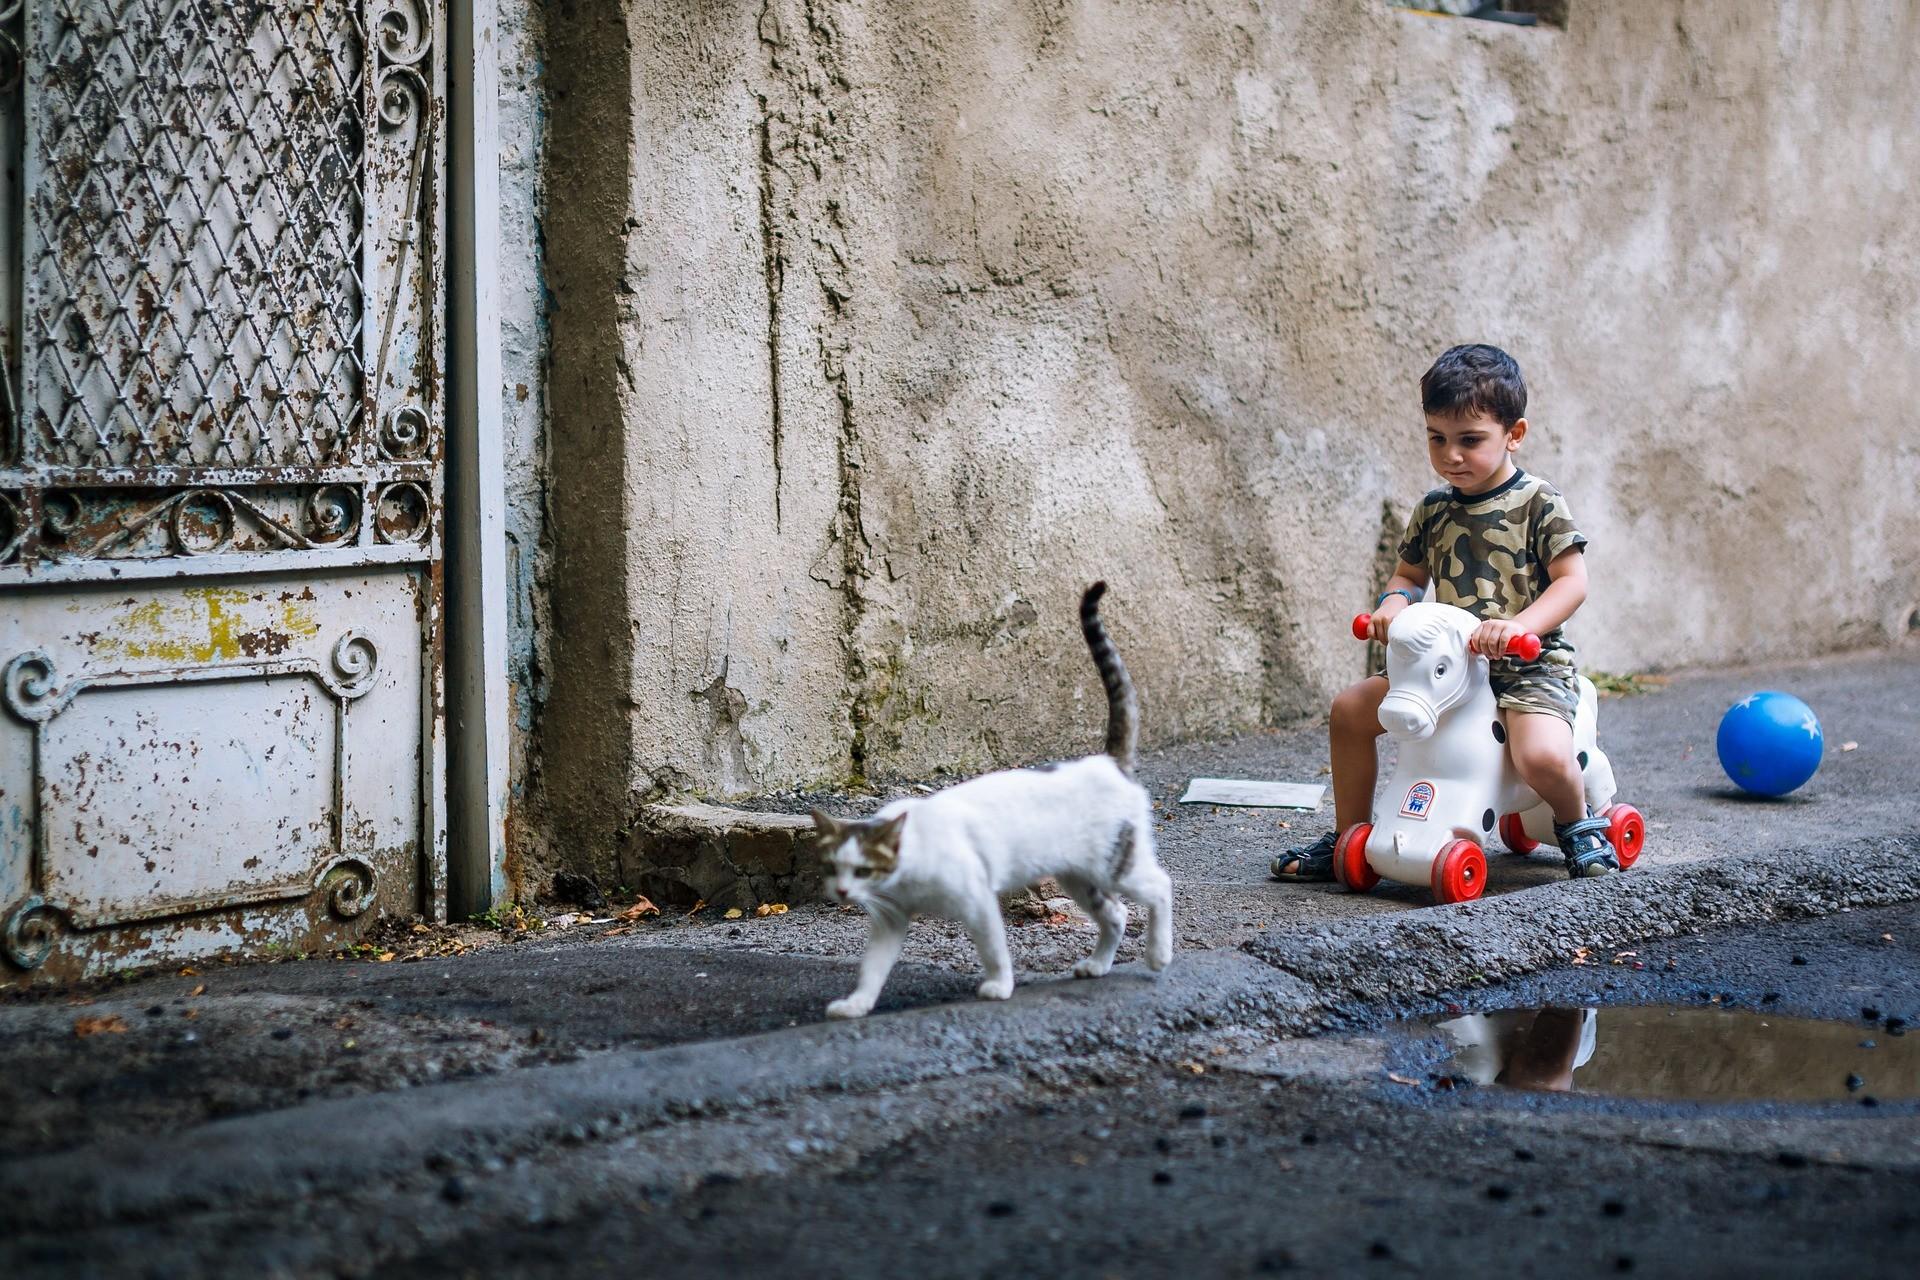 ▲貓,貓咪,喵星人,小孩,。(圖/取自免費圖庫Pixabay)